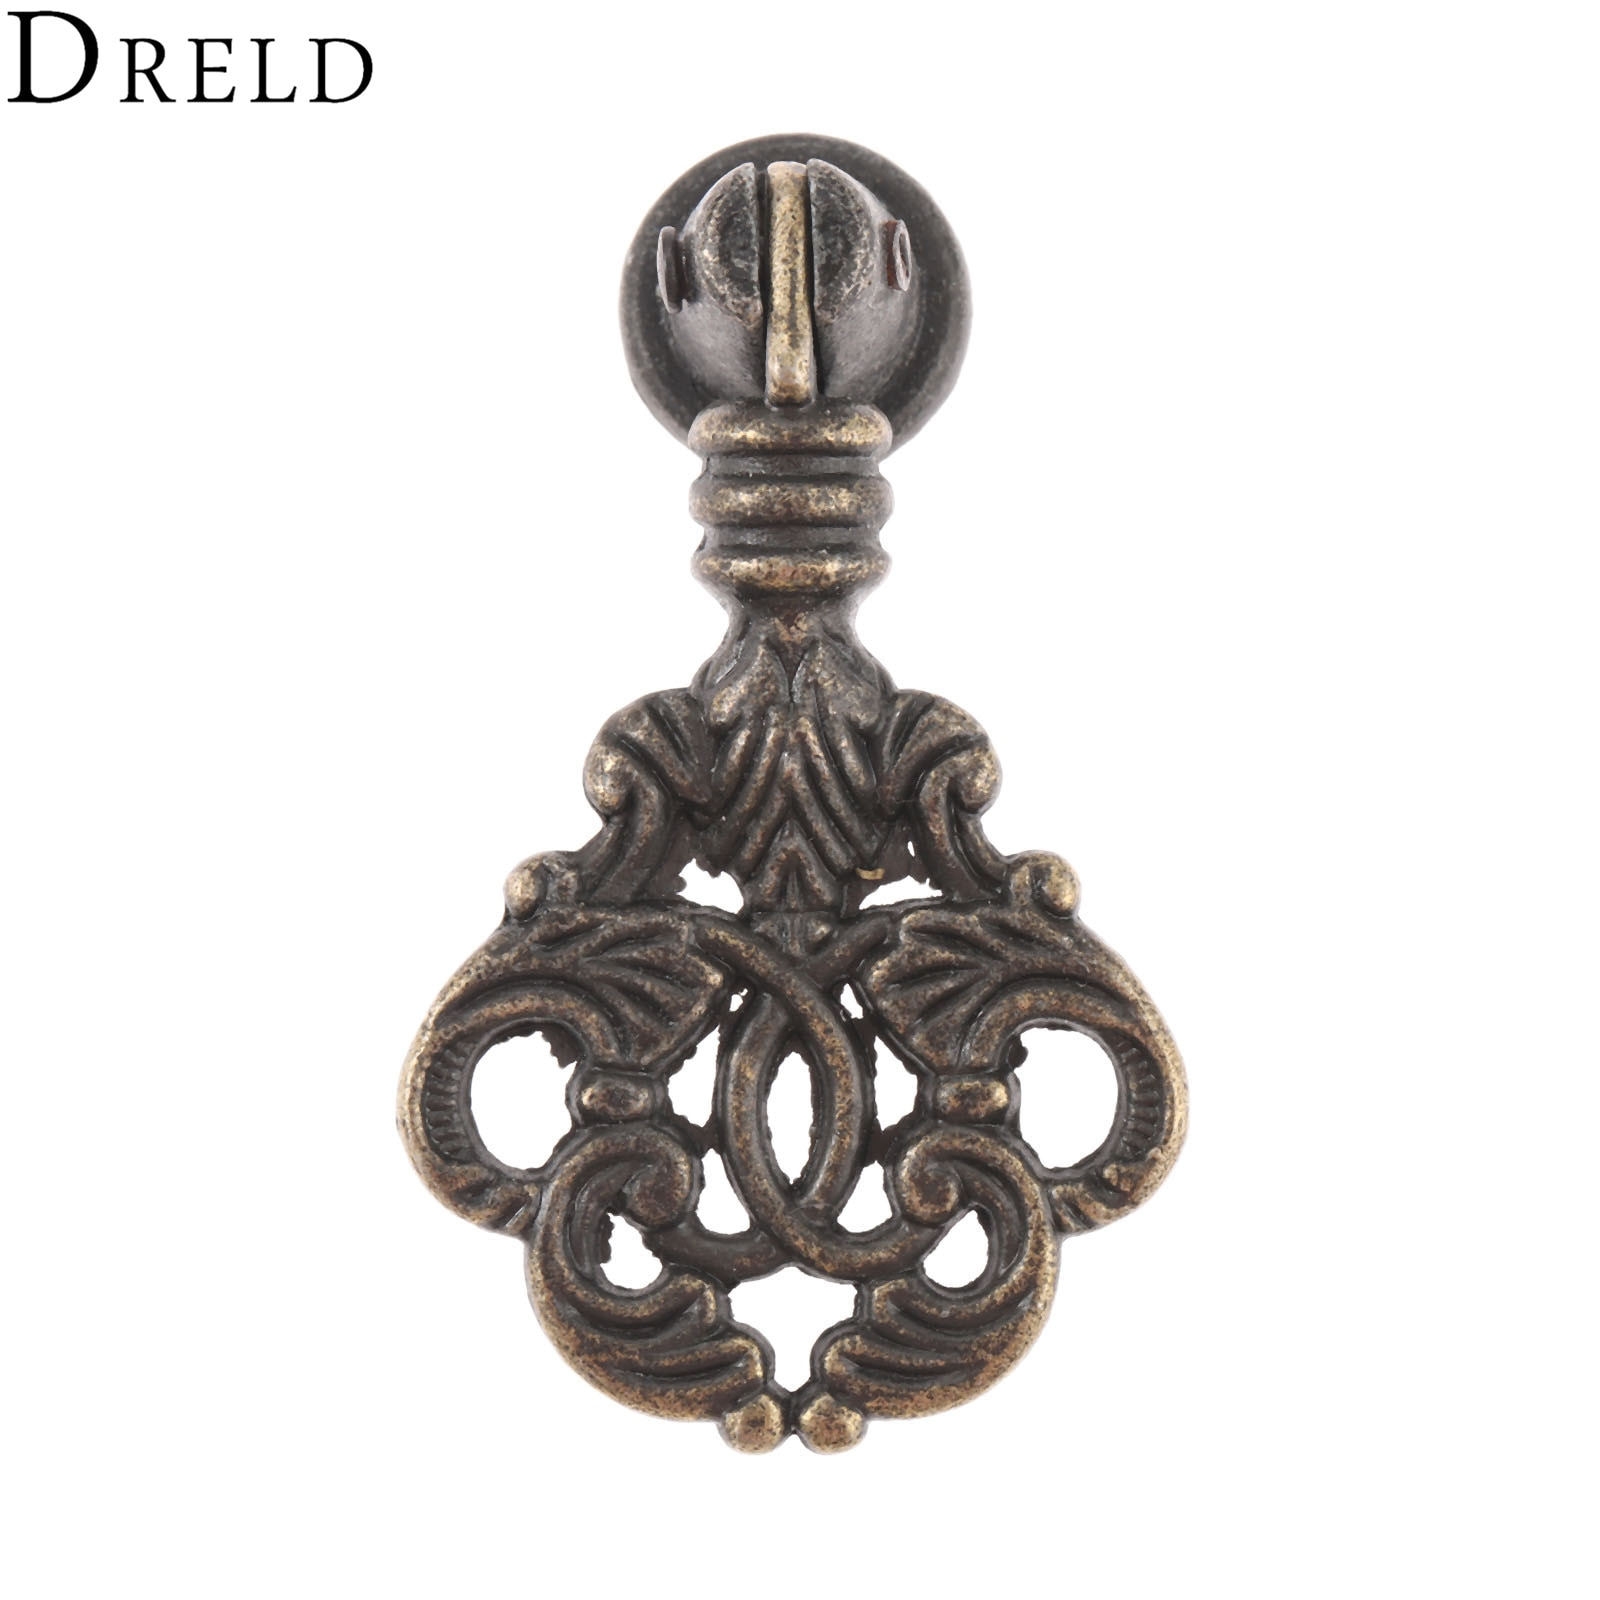 Dreld 56*32mm puxadores e puxadores para armários maçaneta da porta armário de bronze antigo gaveta do armário puxador para móveis